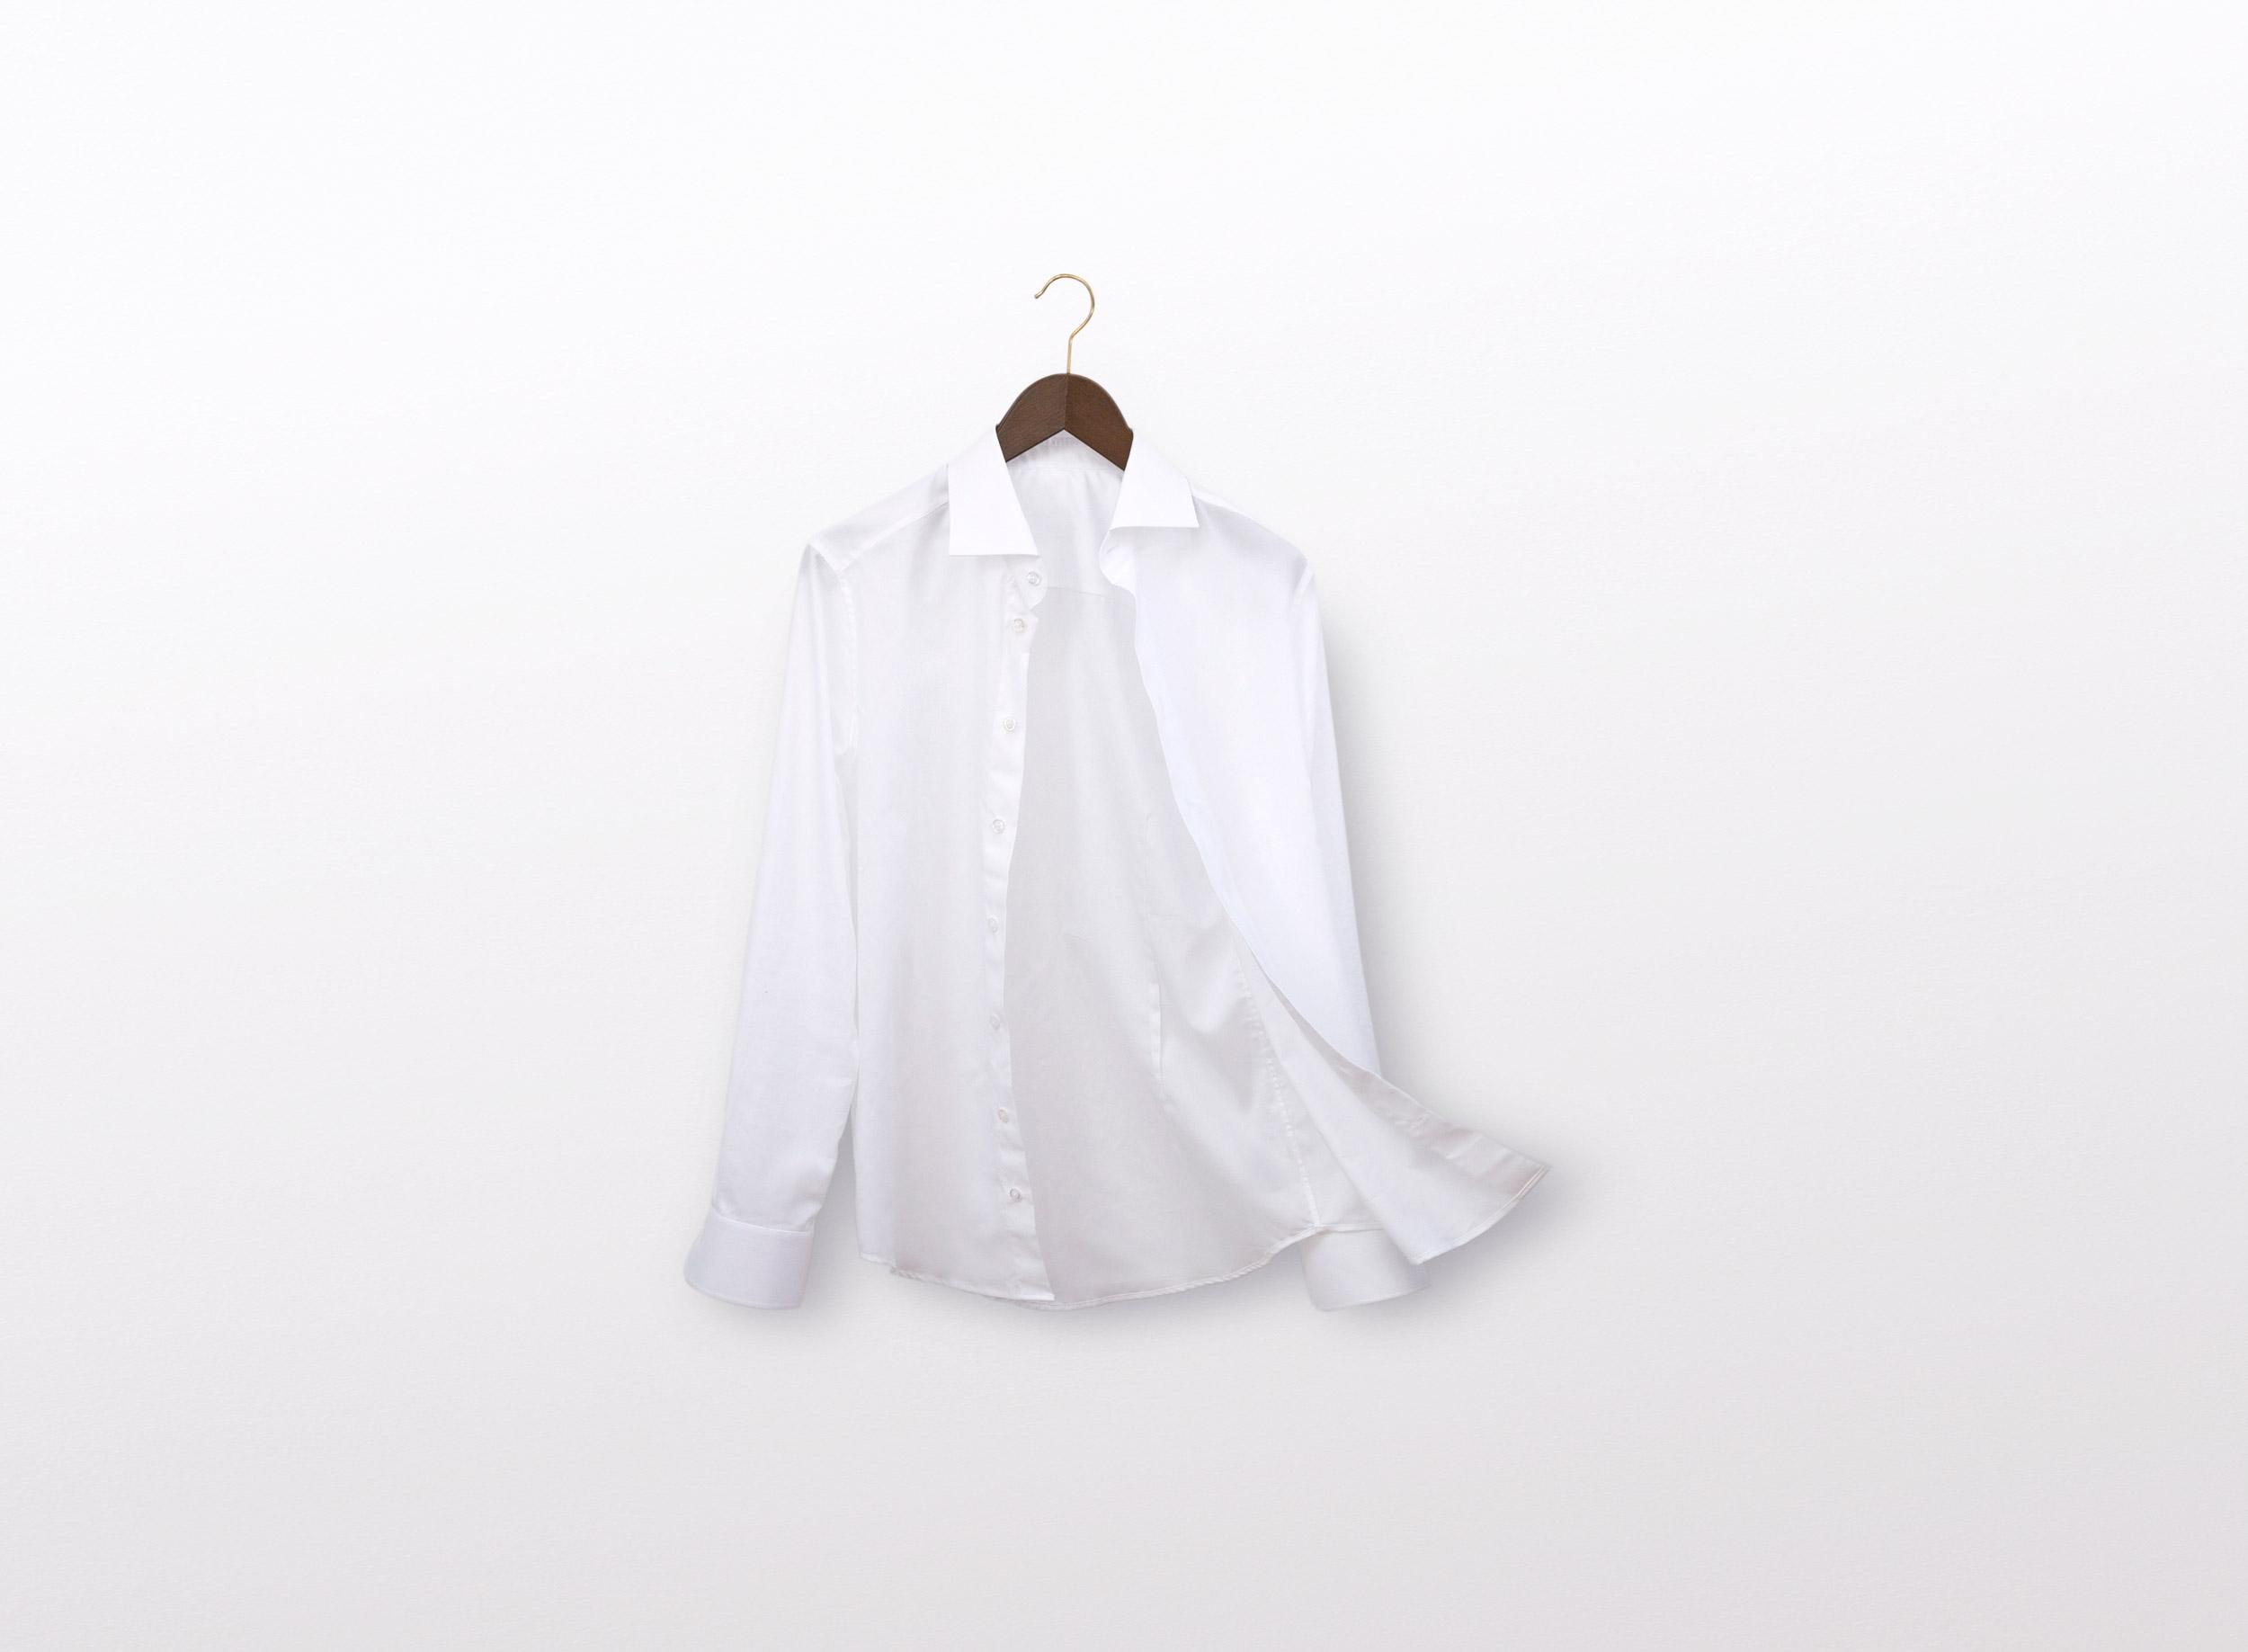 Zyse_Shirt_01.jpg